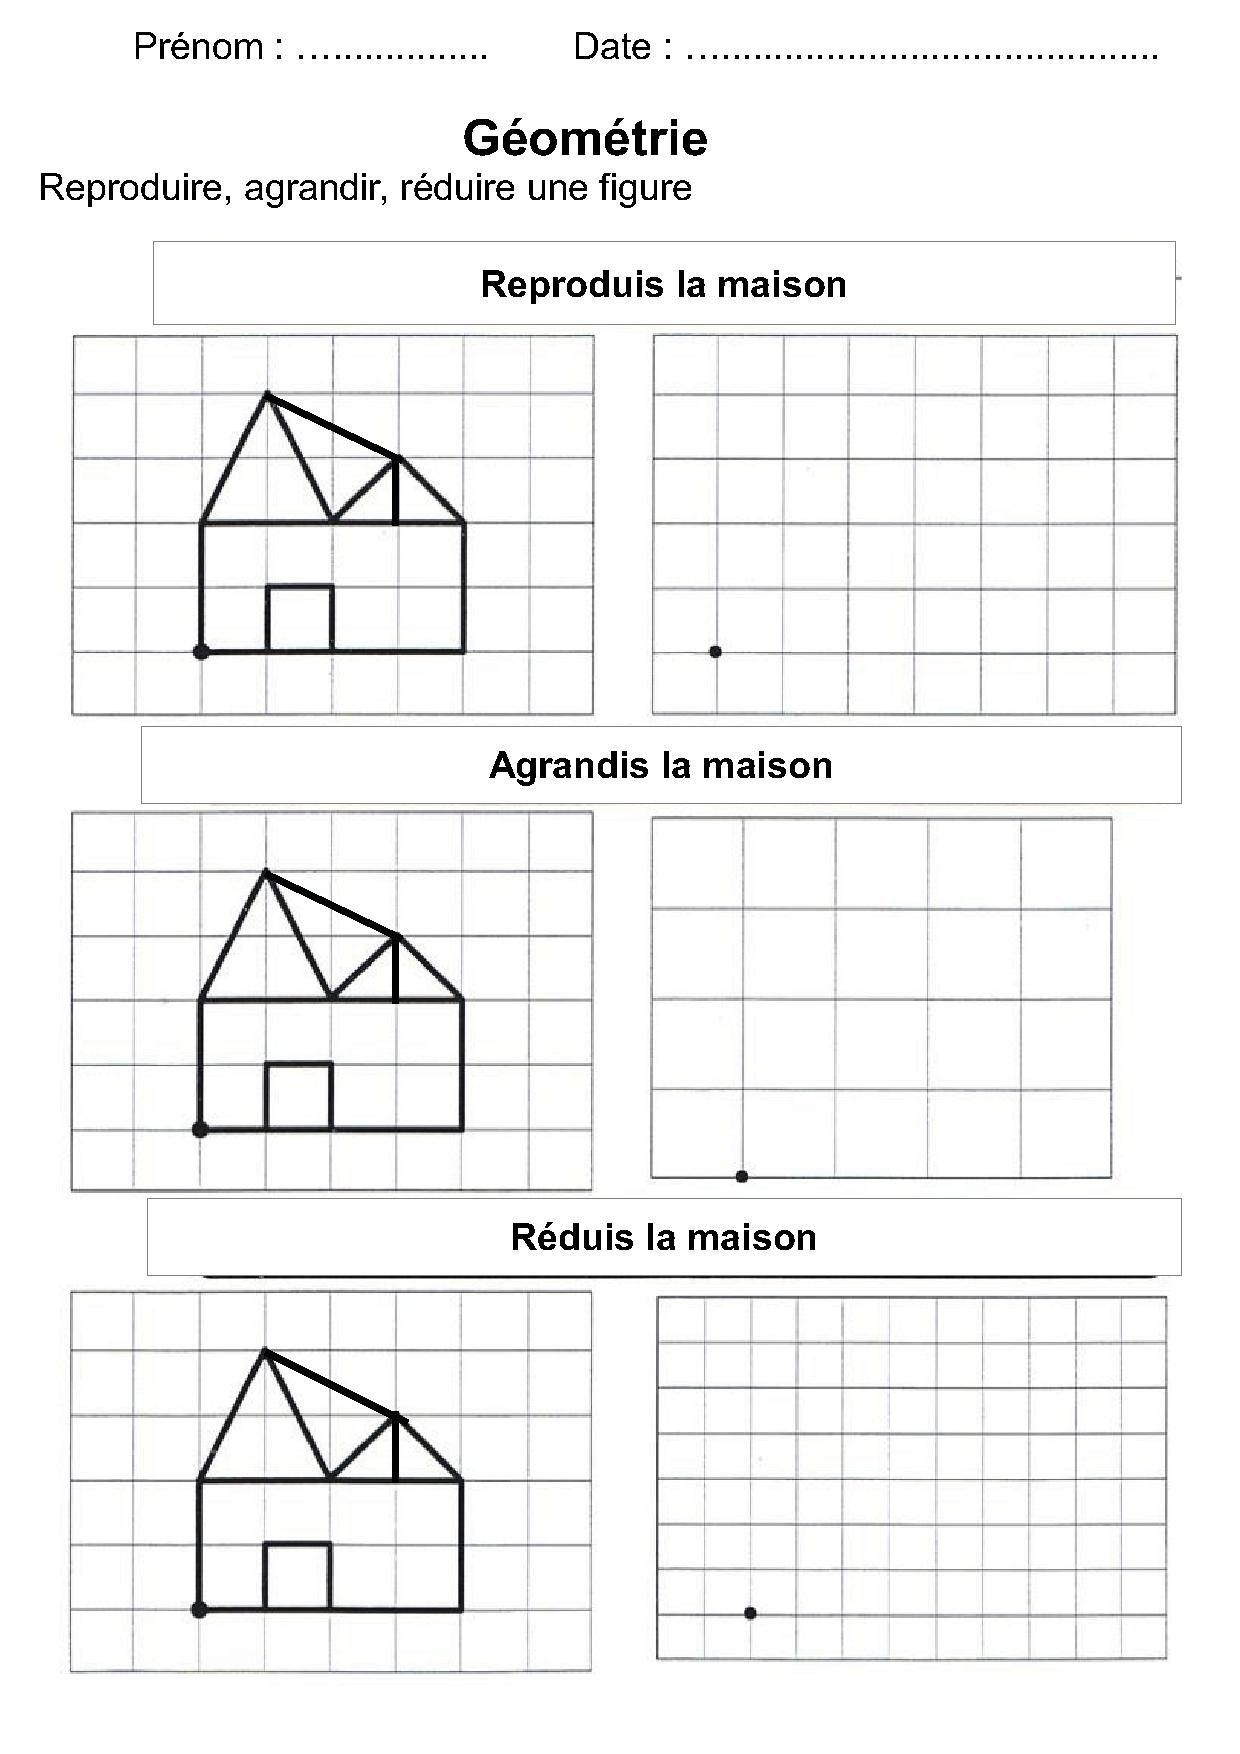 Géométrie Ce1,ce2,la Symétrie,reproduire Une Figure avec Reproduction De Figures Ce2 Quadrillage